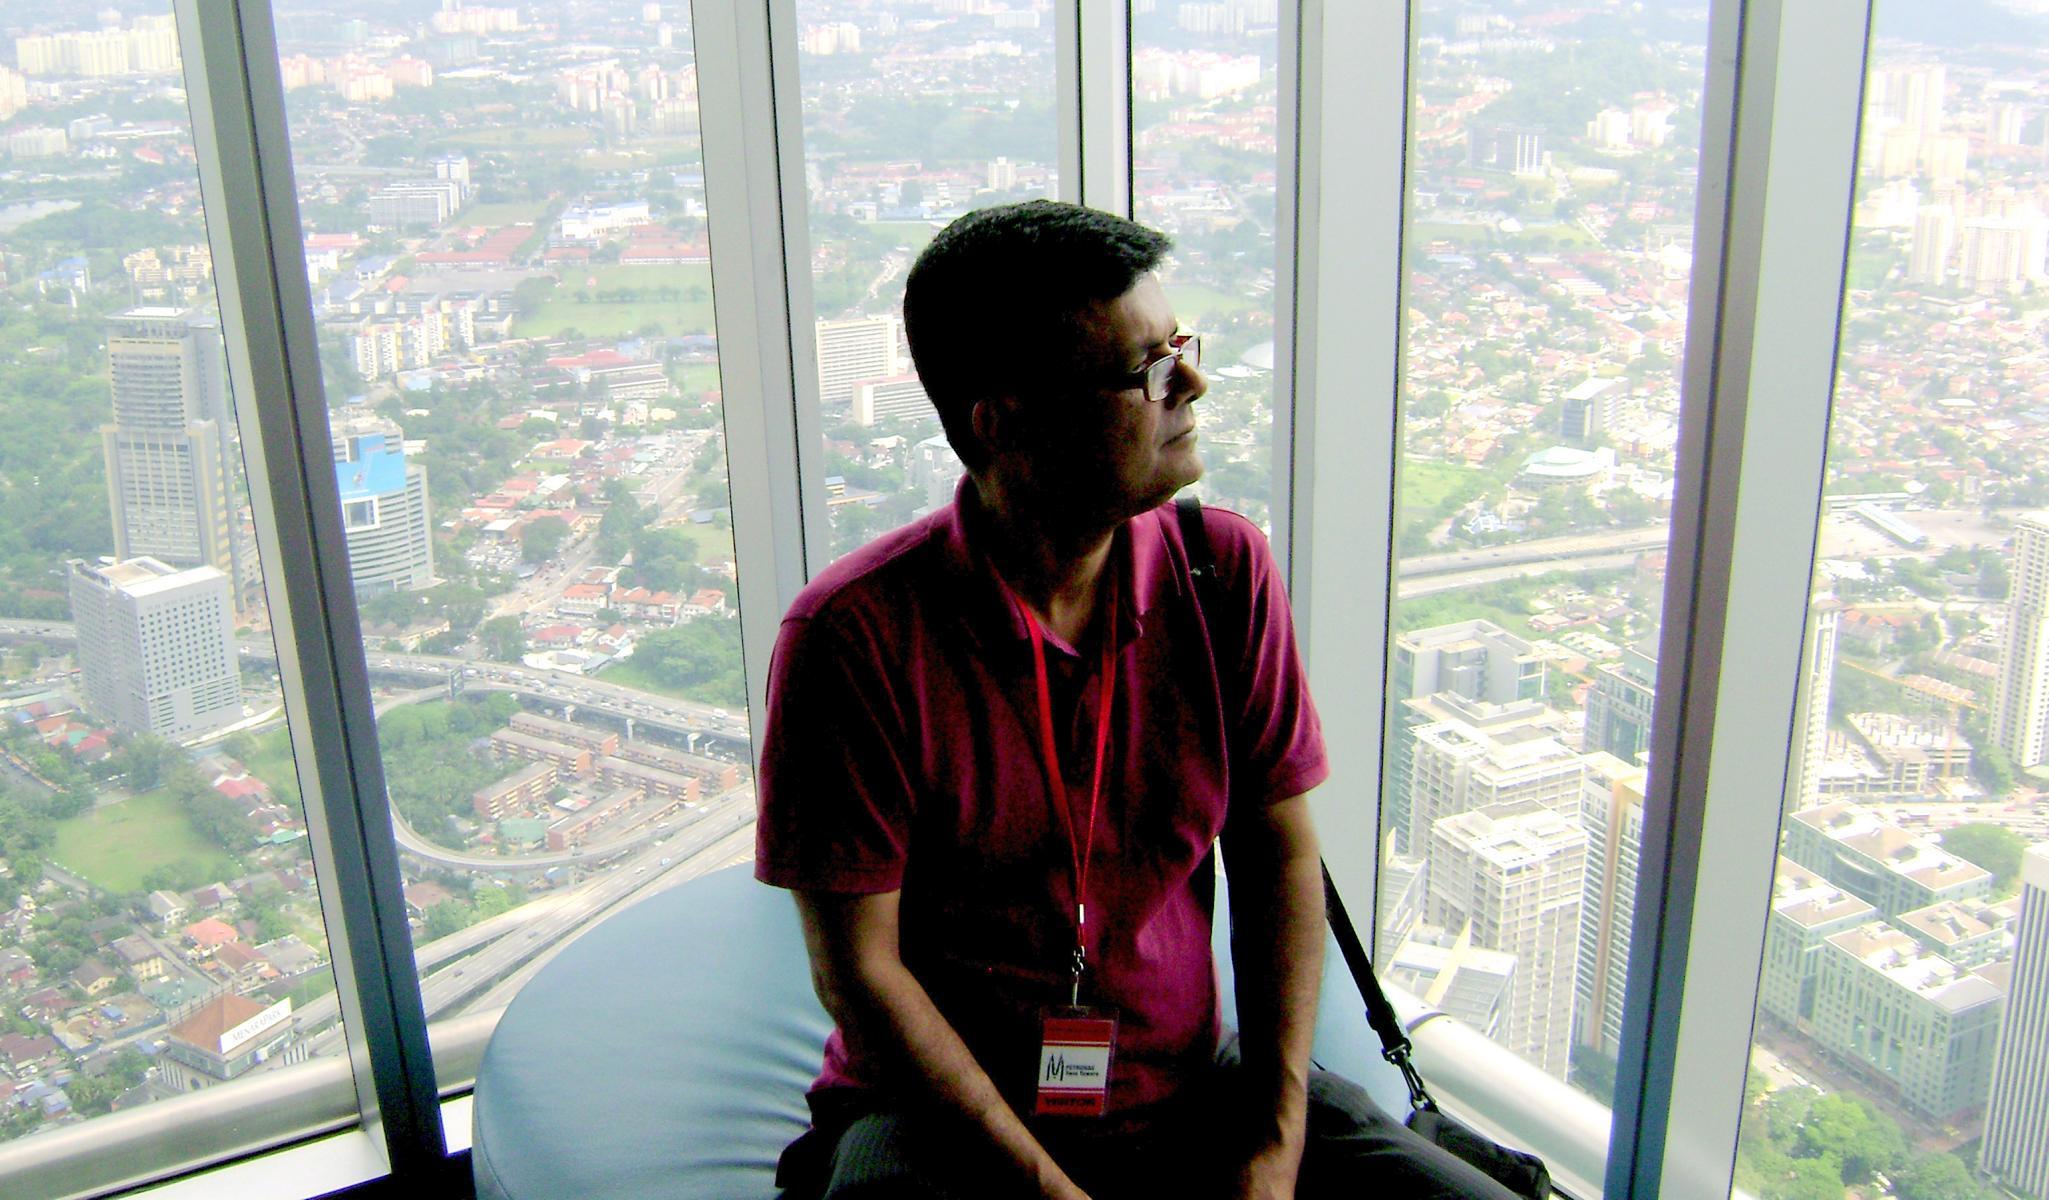 Ecotourism expert Monzur Huq